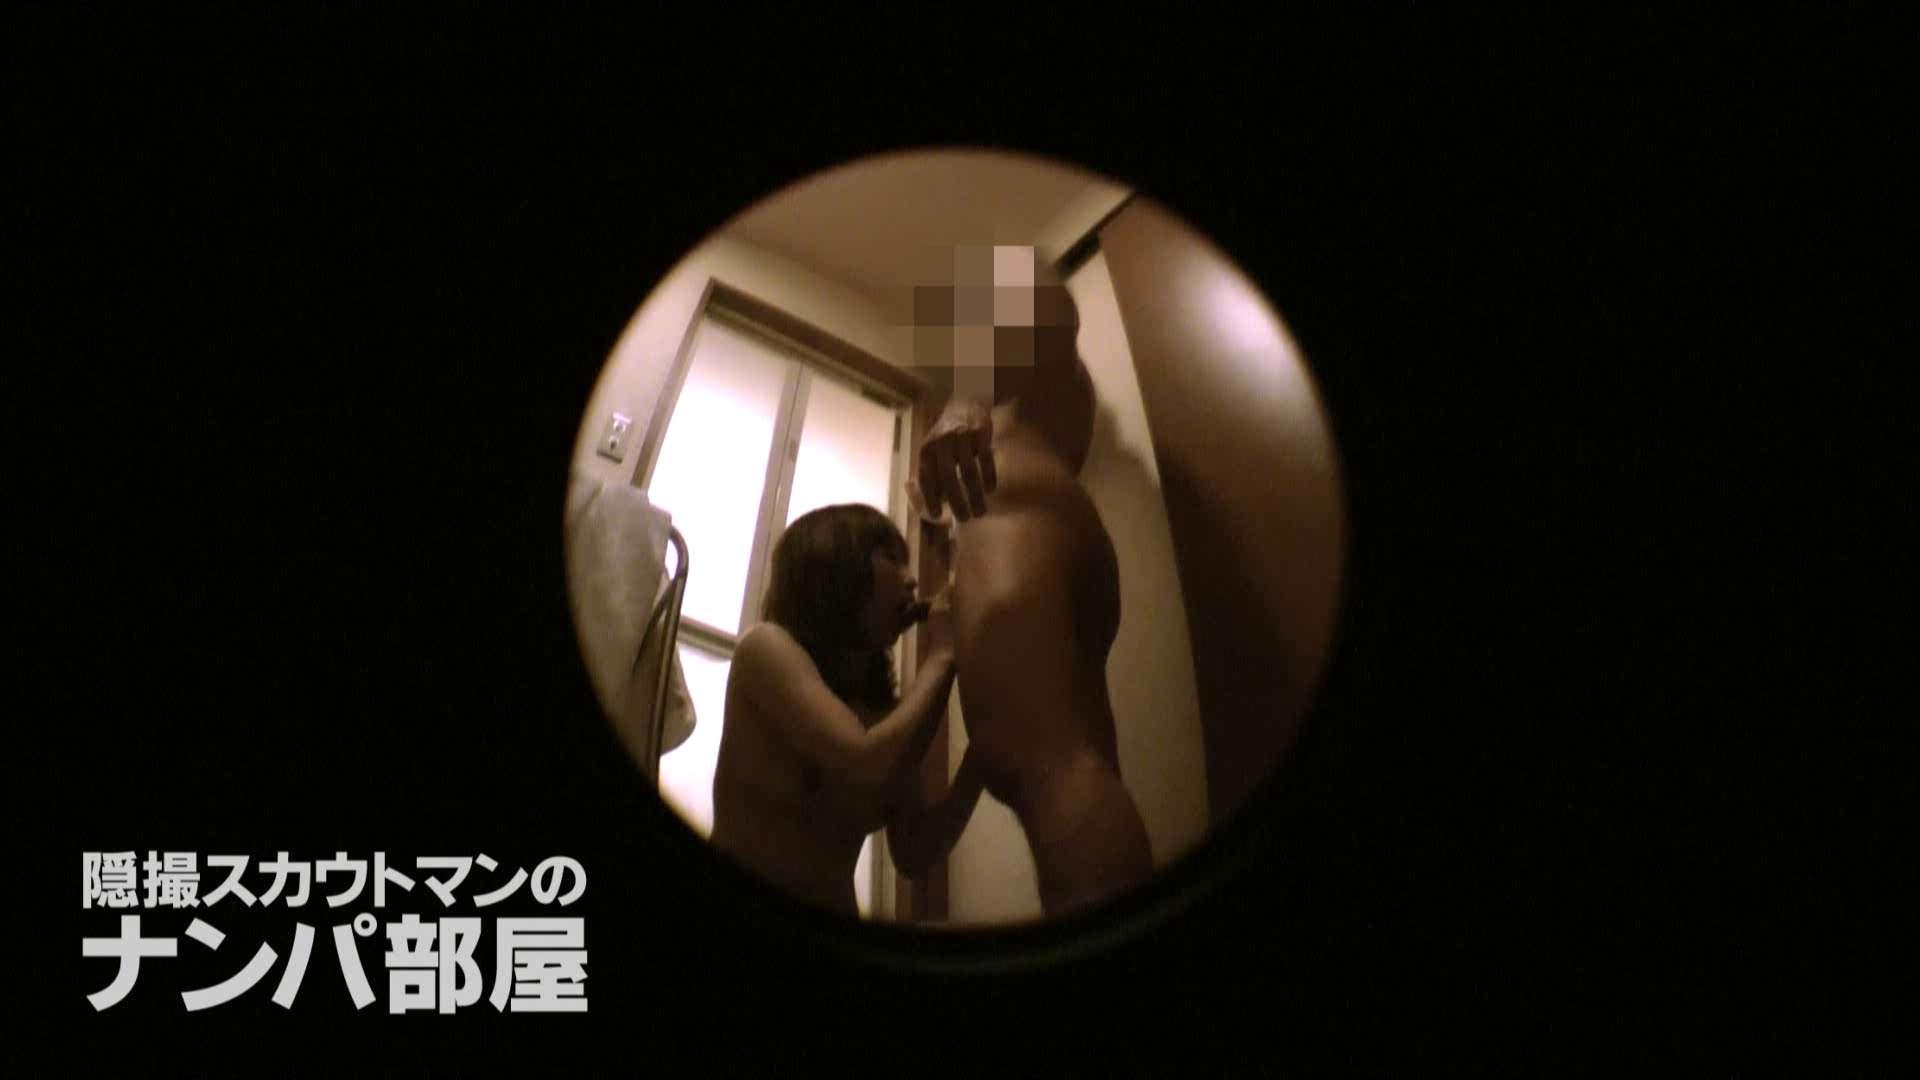 隠撮スカウトマンのナンパ部屋~風俗デビュー前のつまみ食い~ siivol.4 中出し エロ無料画像 74pic 33